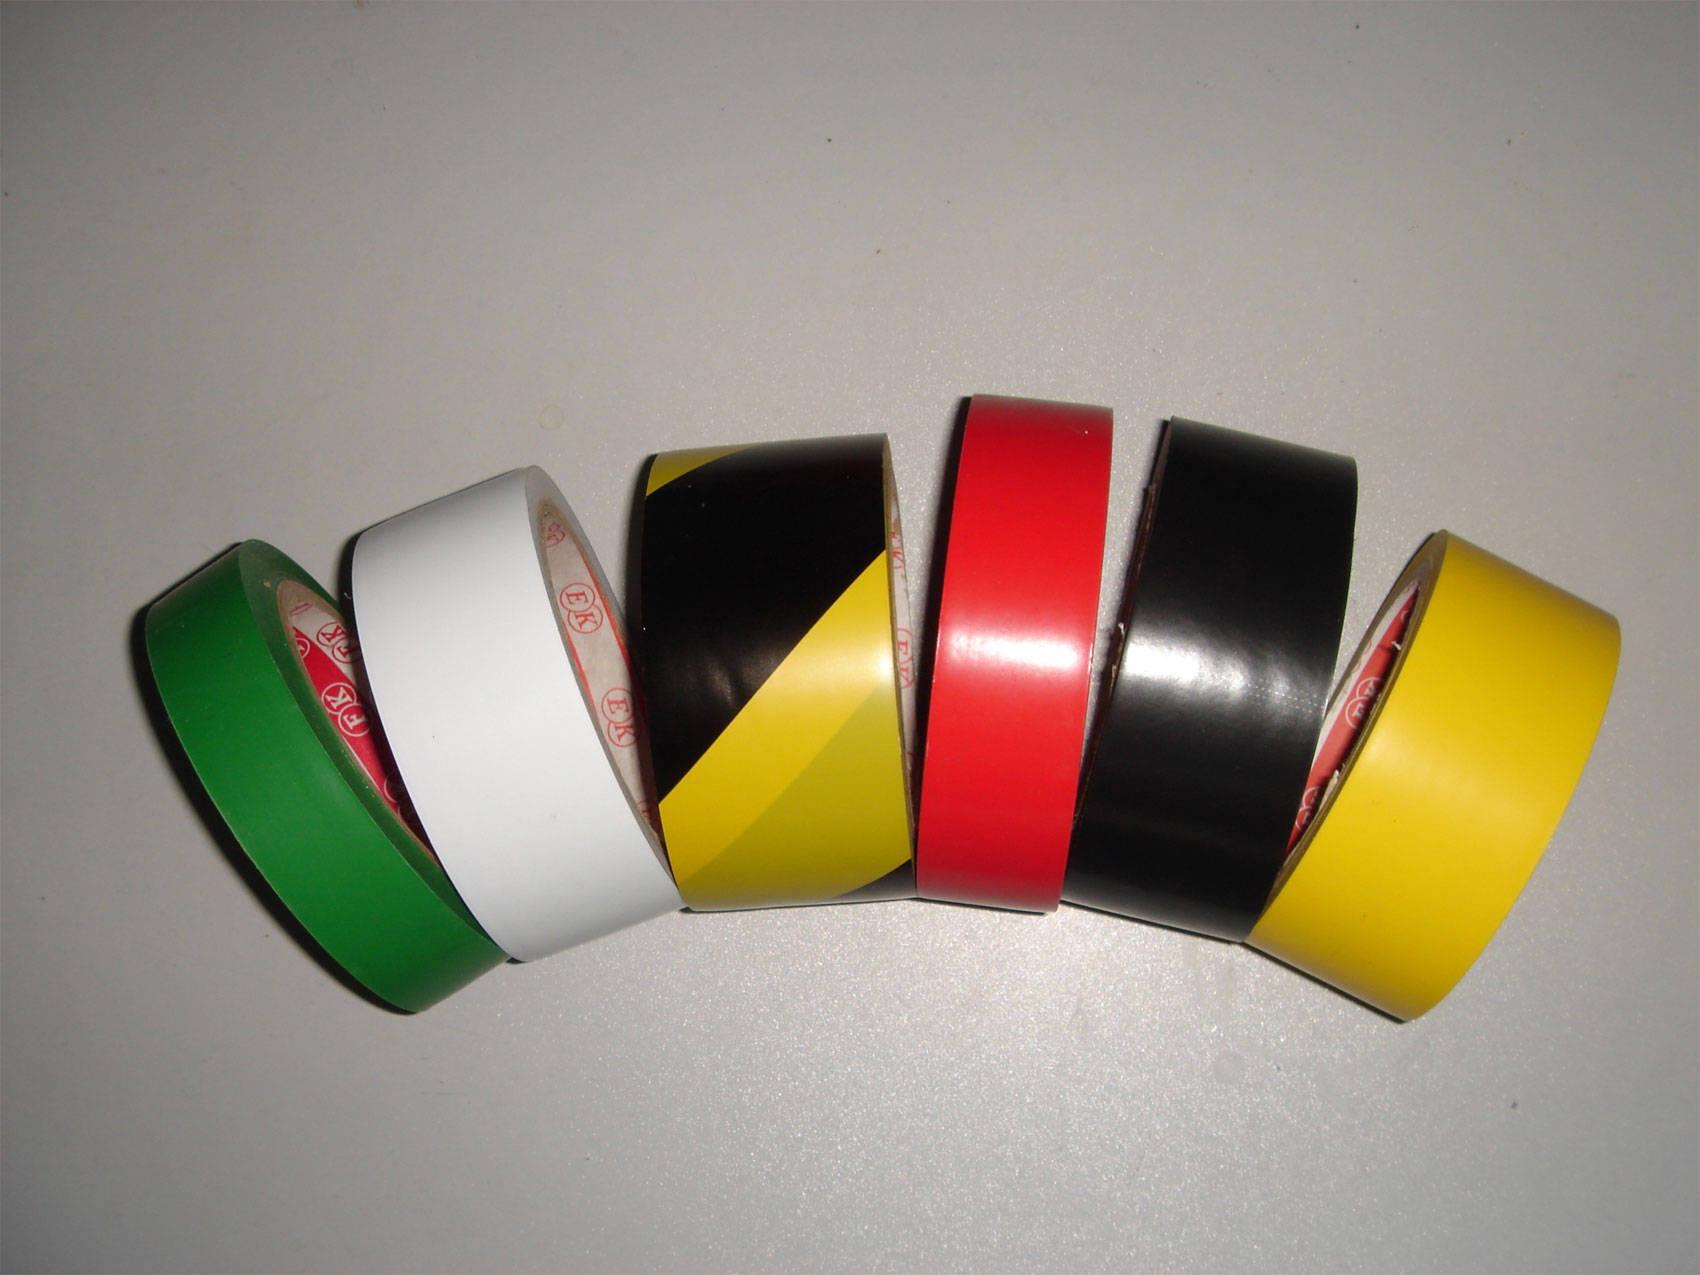 警示胶带产品图片,警示胶带产品相册 - 泉州新飞鸿带